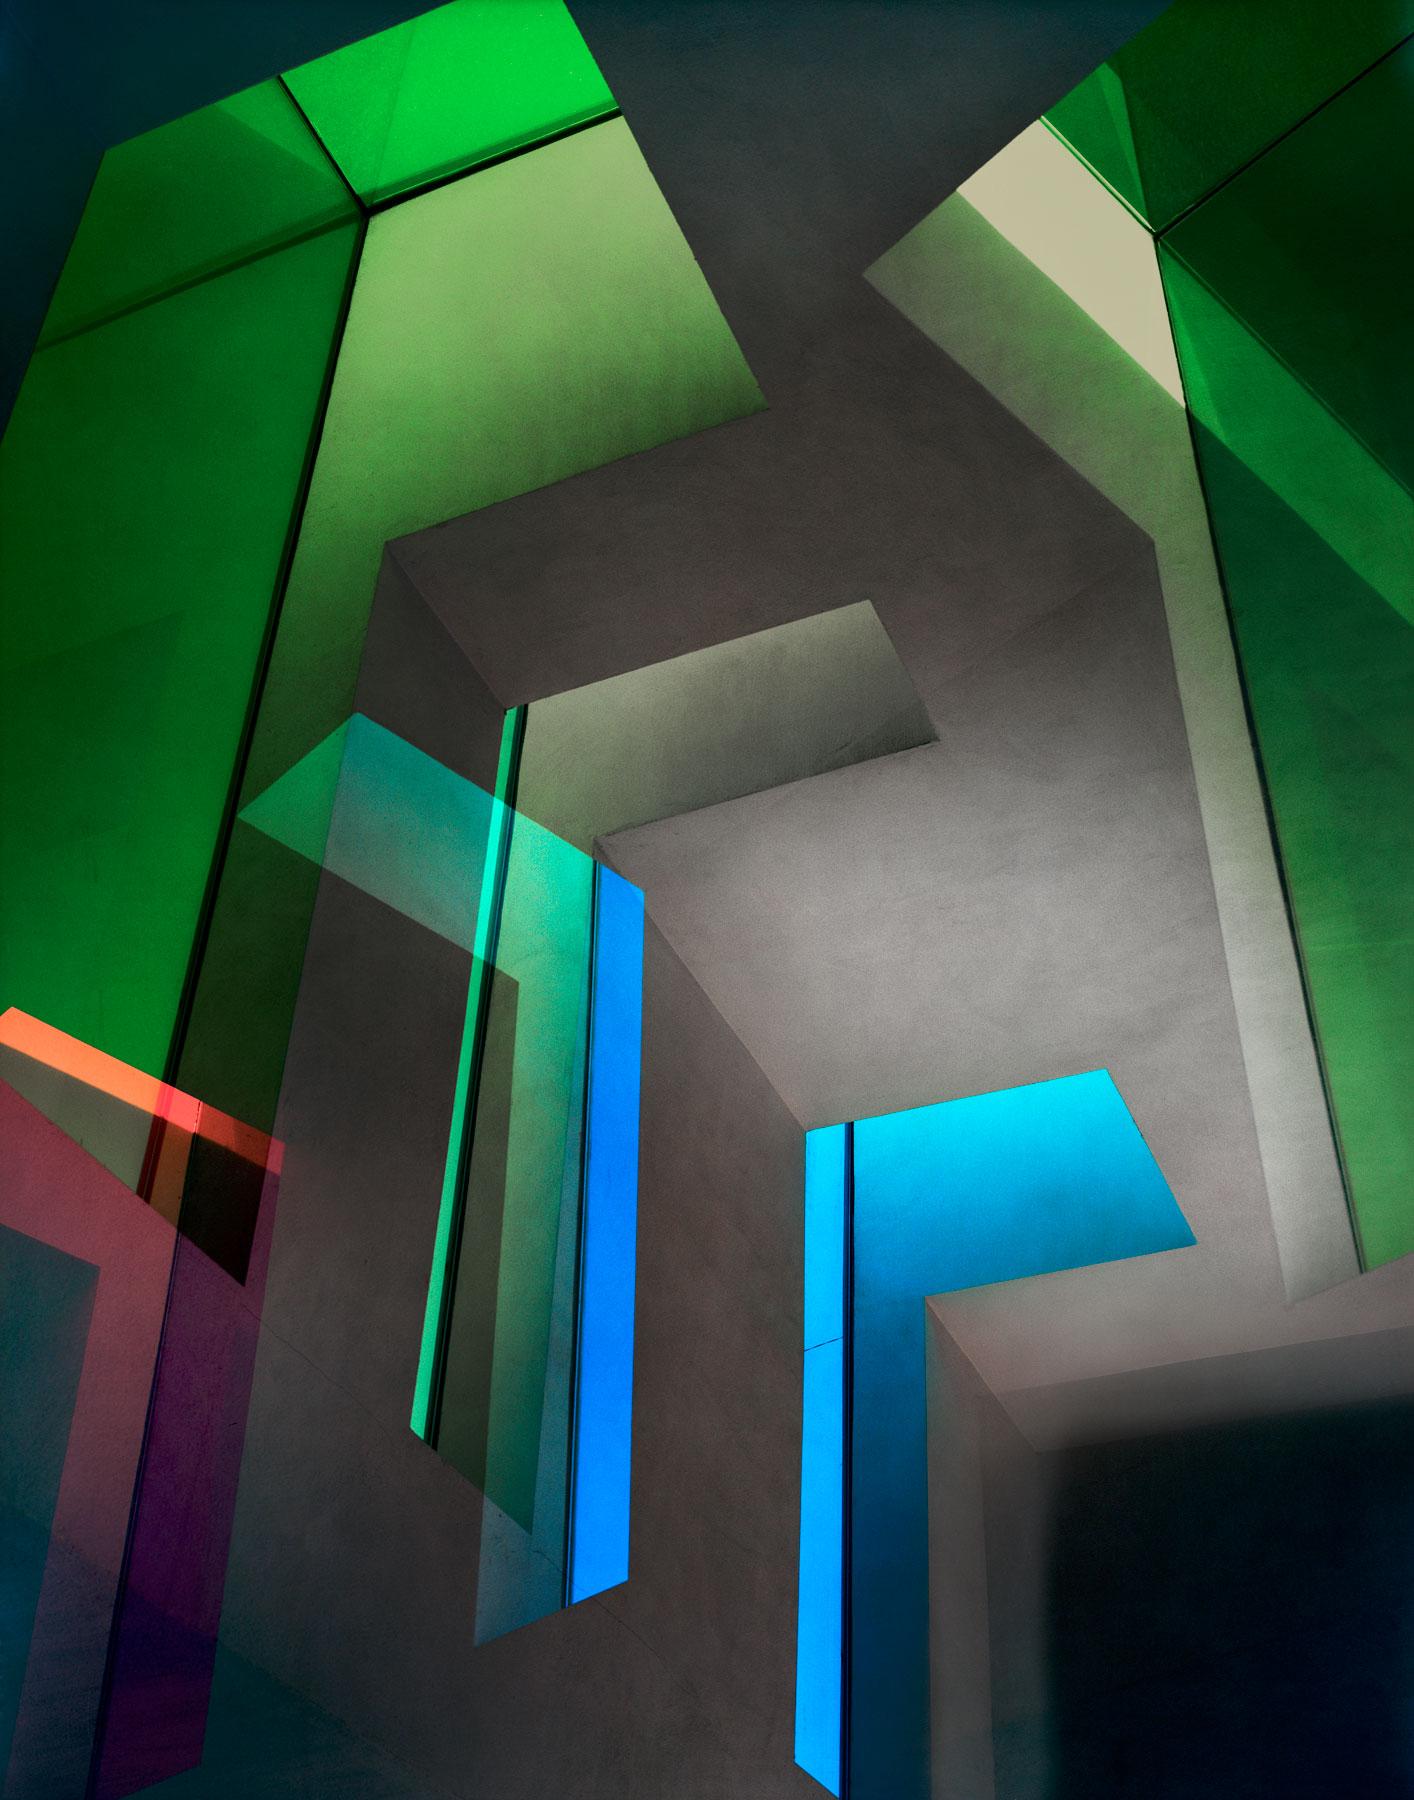 Sidestep_2020_Kolehmainen_Ola_Konstruktivizm-InfantilXII_017